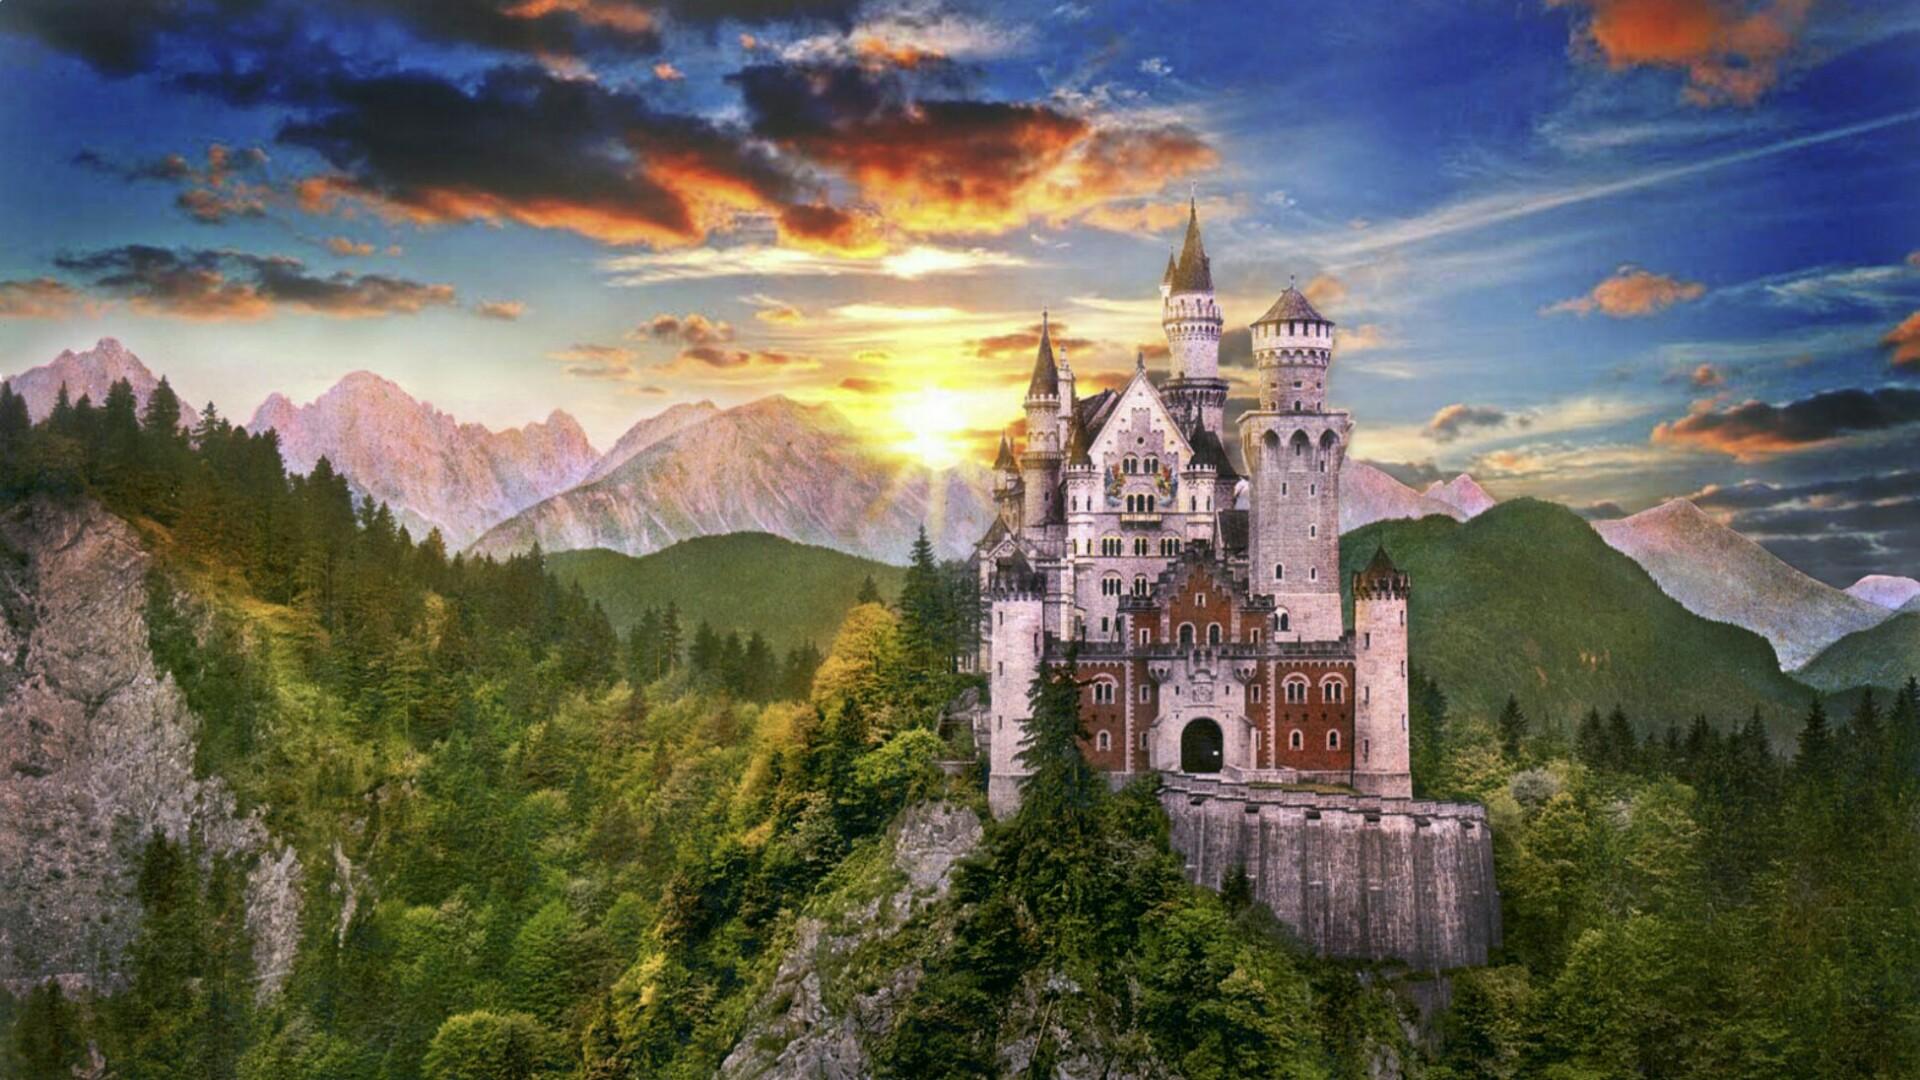 Neuschwanstein Castle and Hohenschwangau Valley - Germany wallpaper